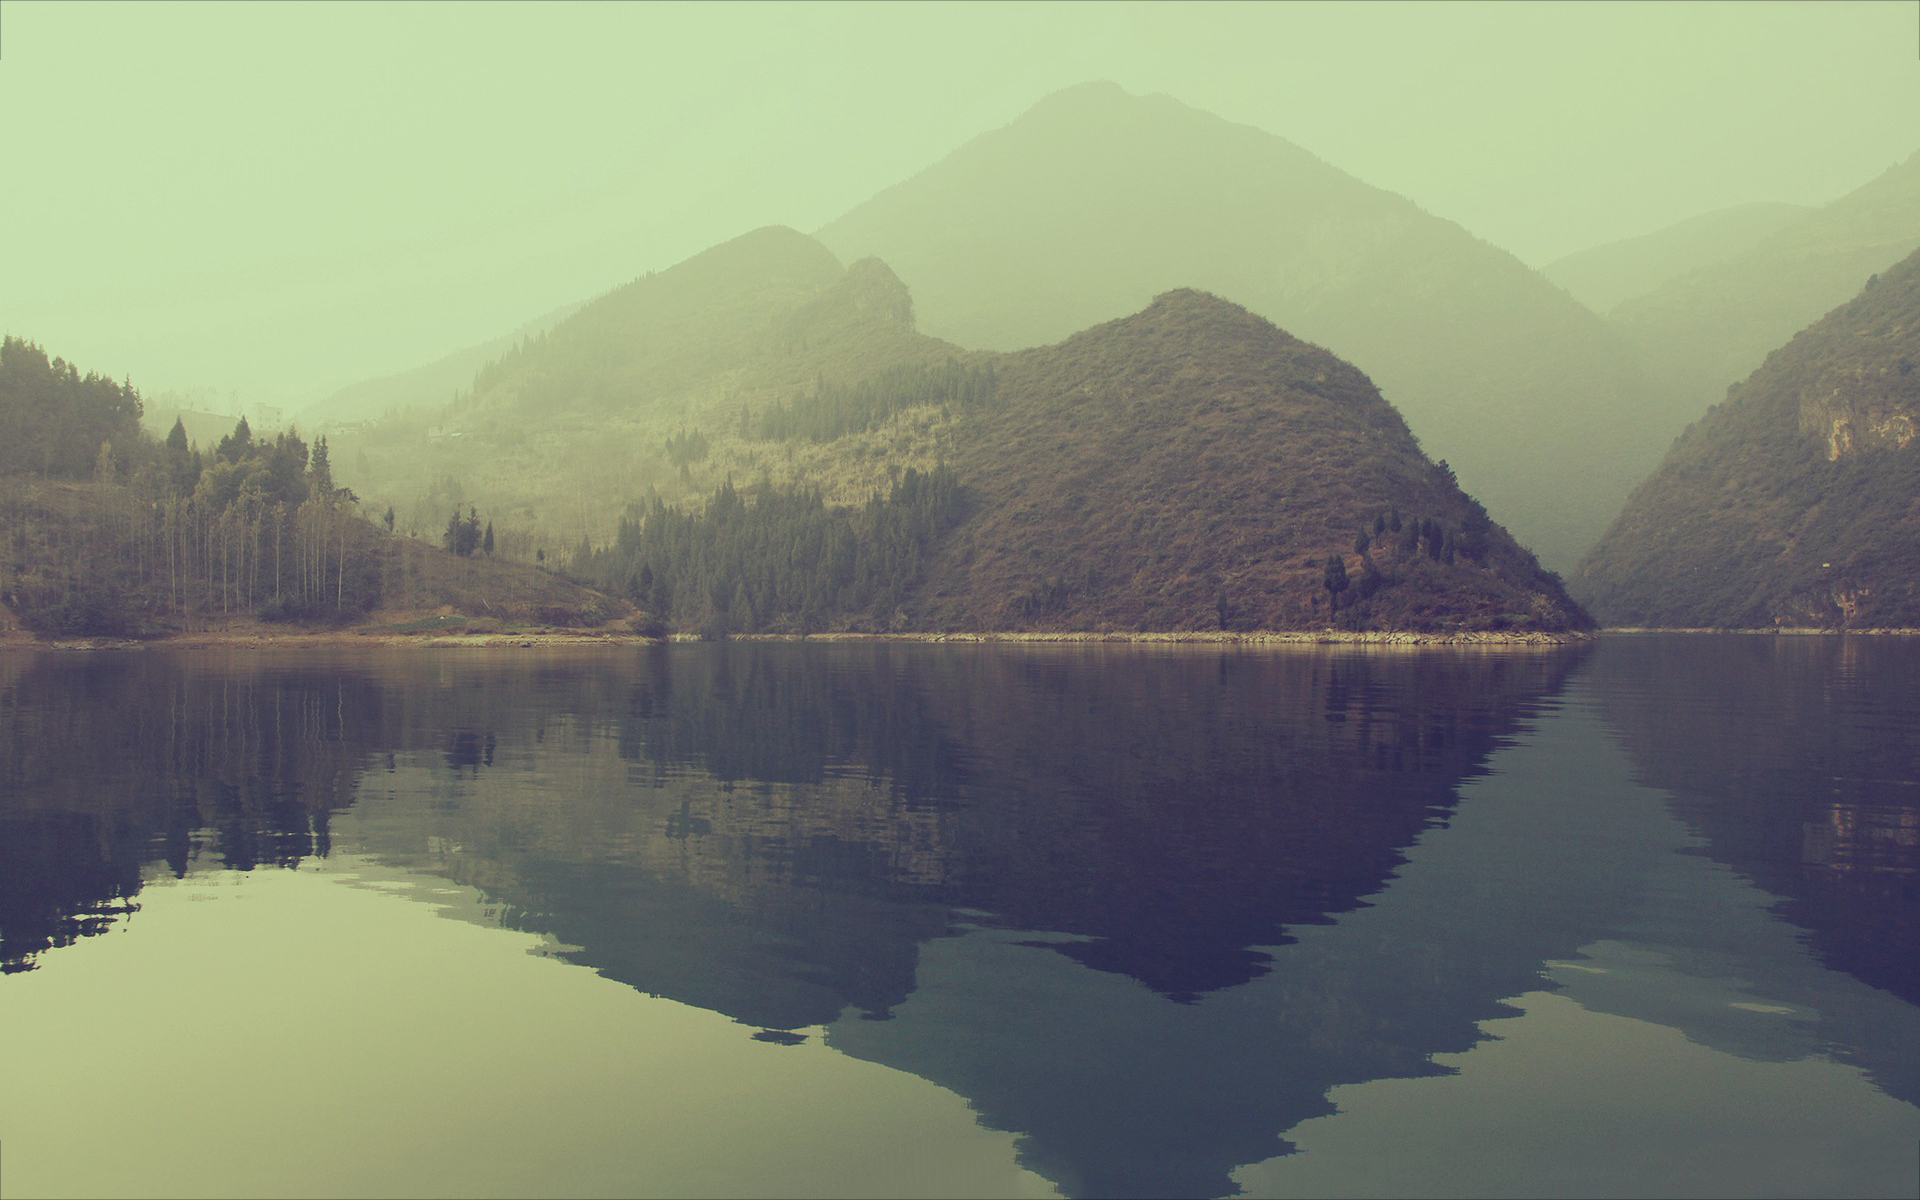 Lake silent morning